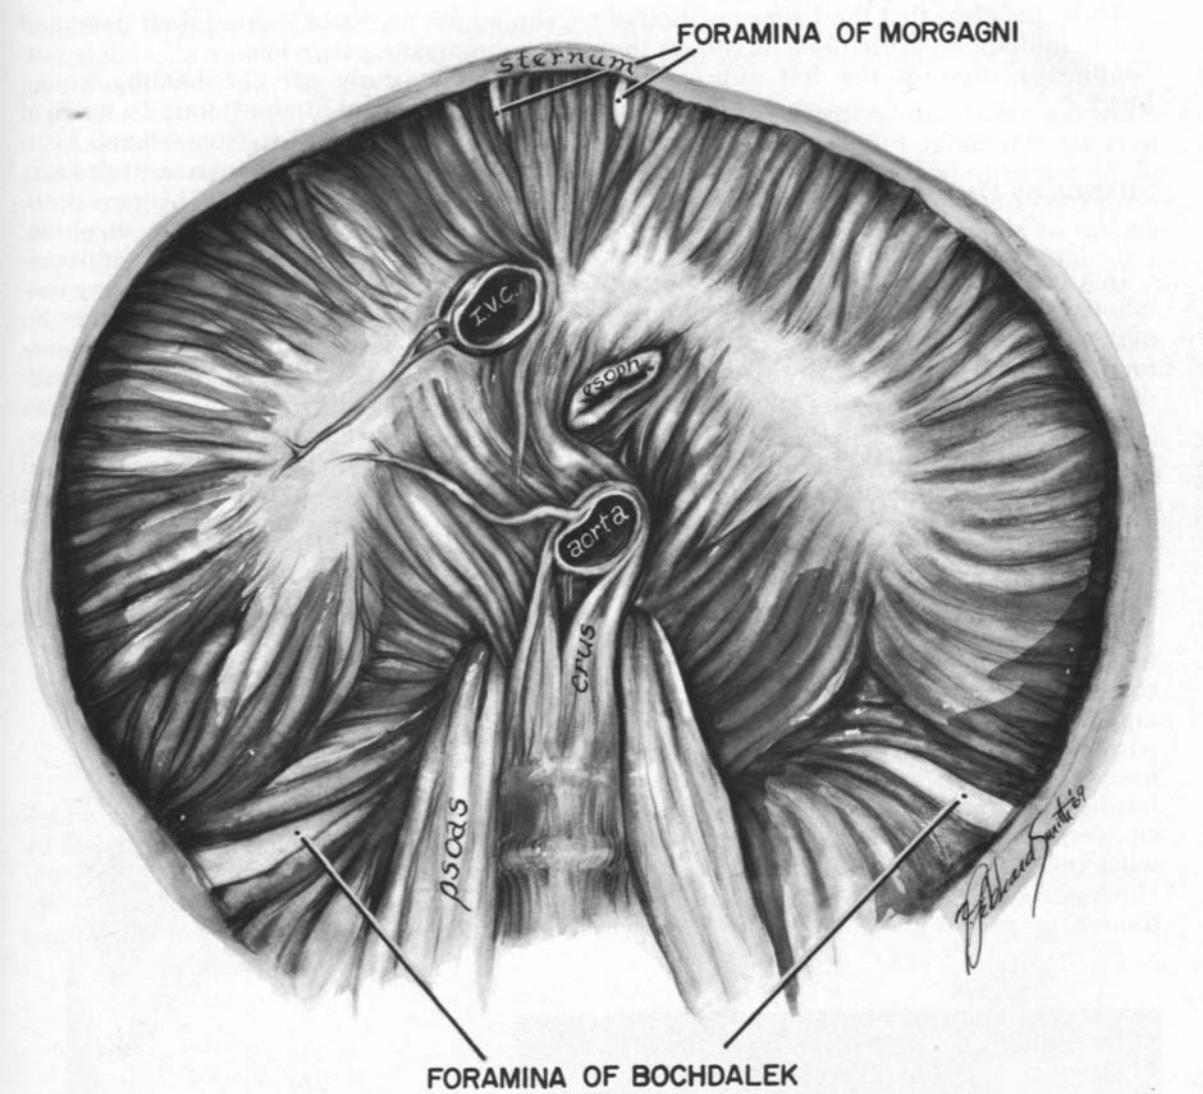 Hình ảnh chụp cắt lớp vi tính màng phổi, thành ngực và cơ hoành